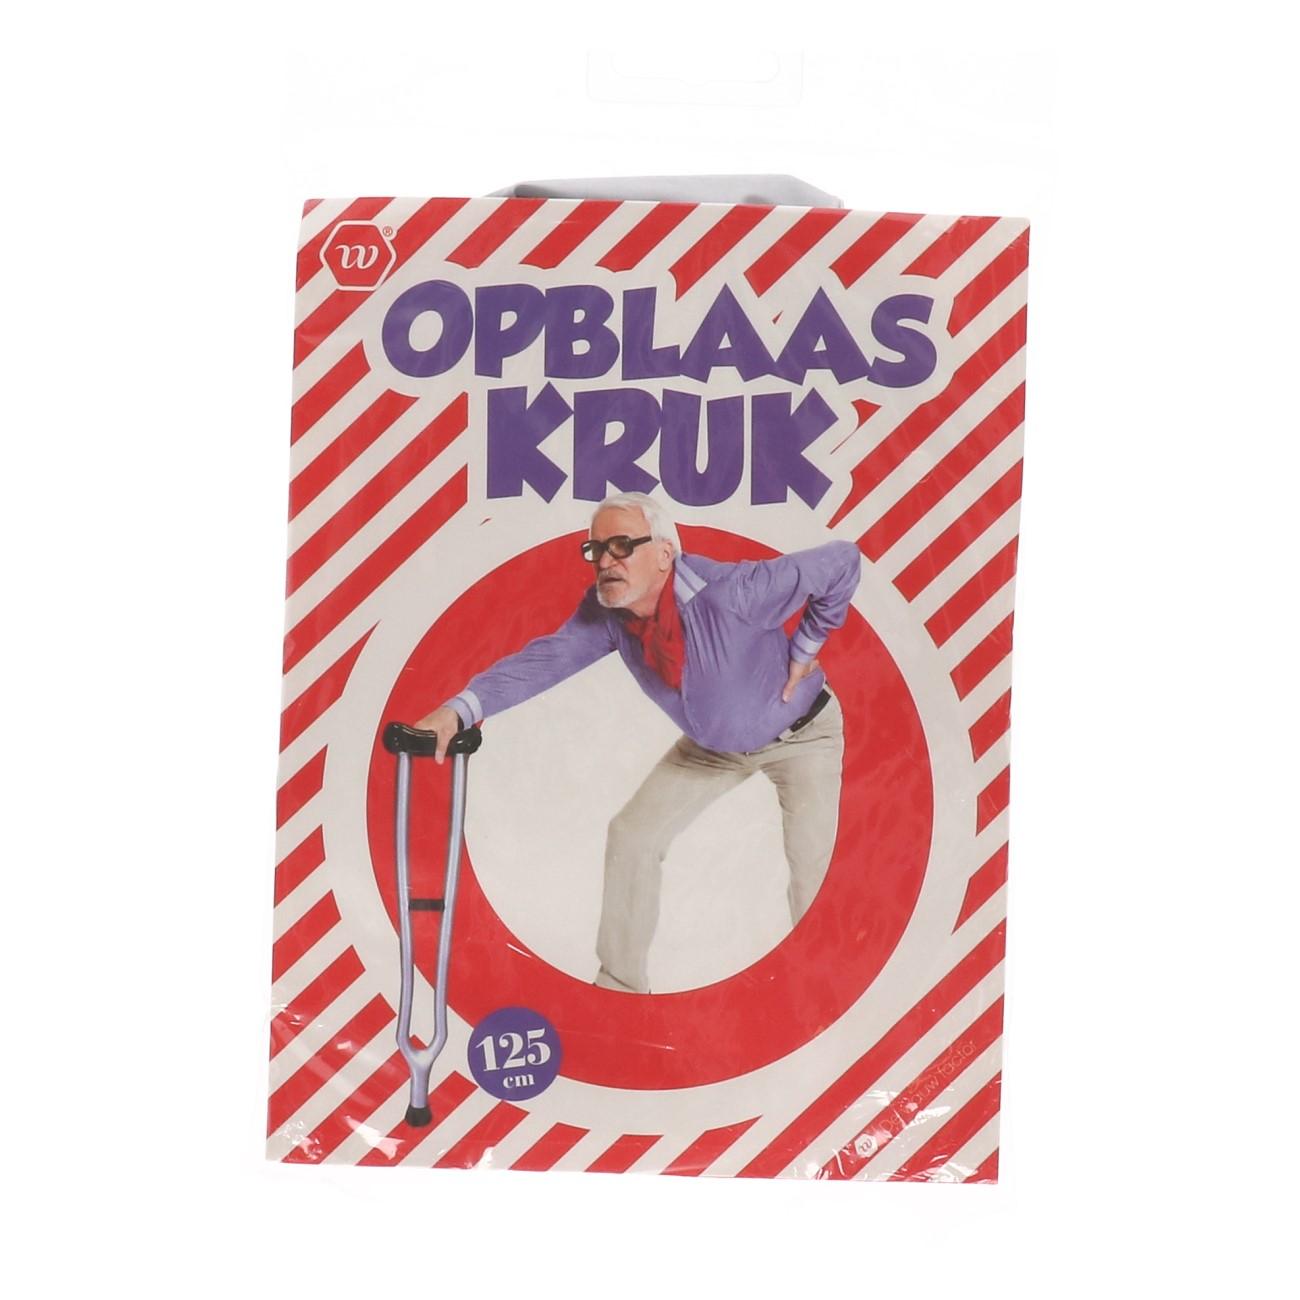 Opblaas Kruk